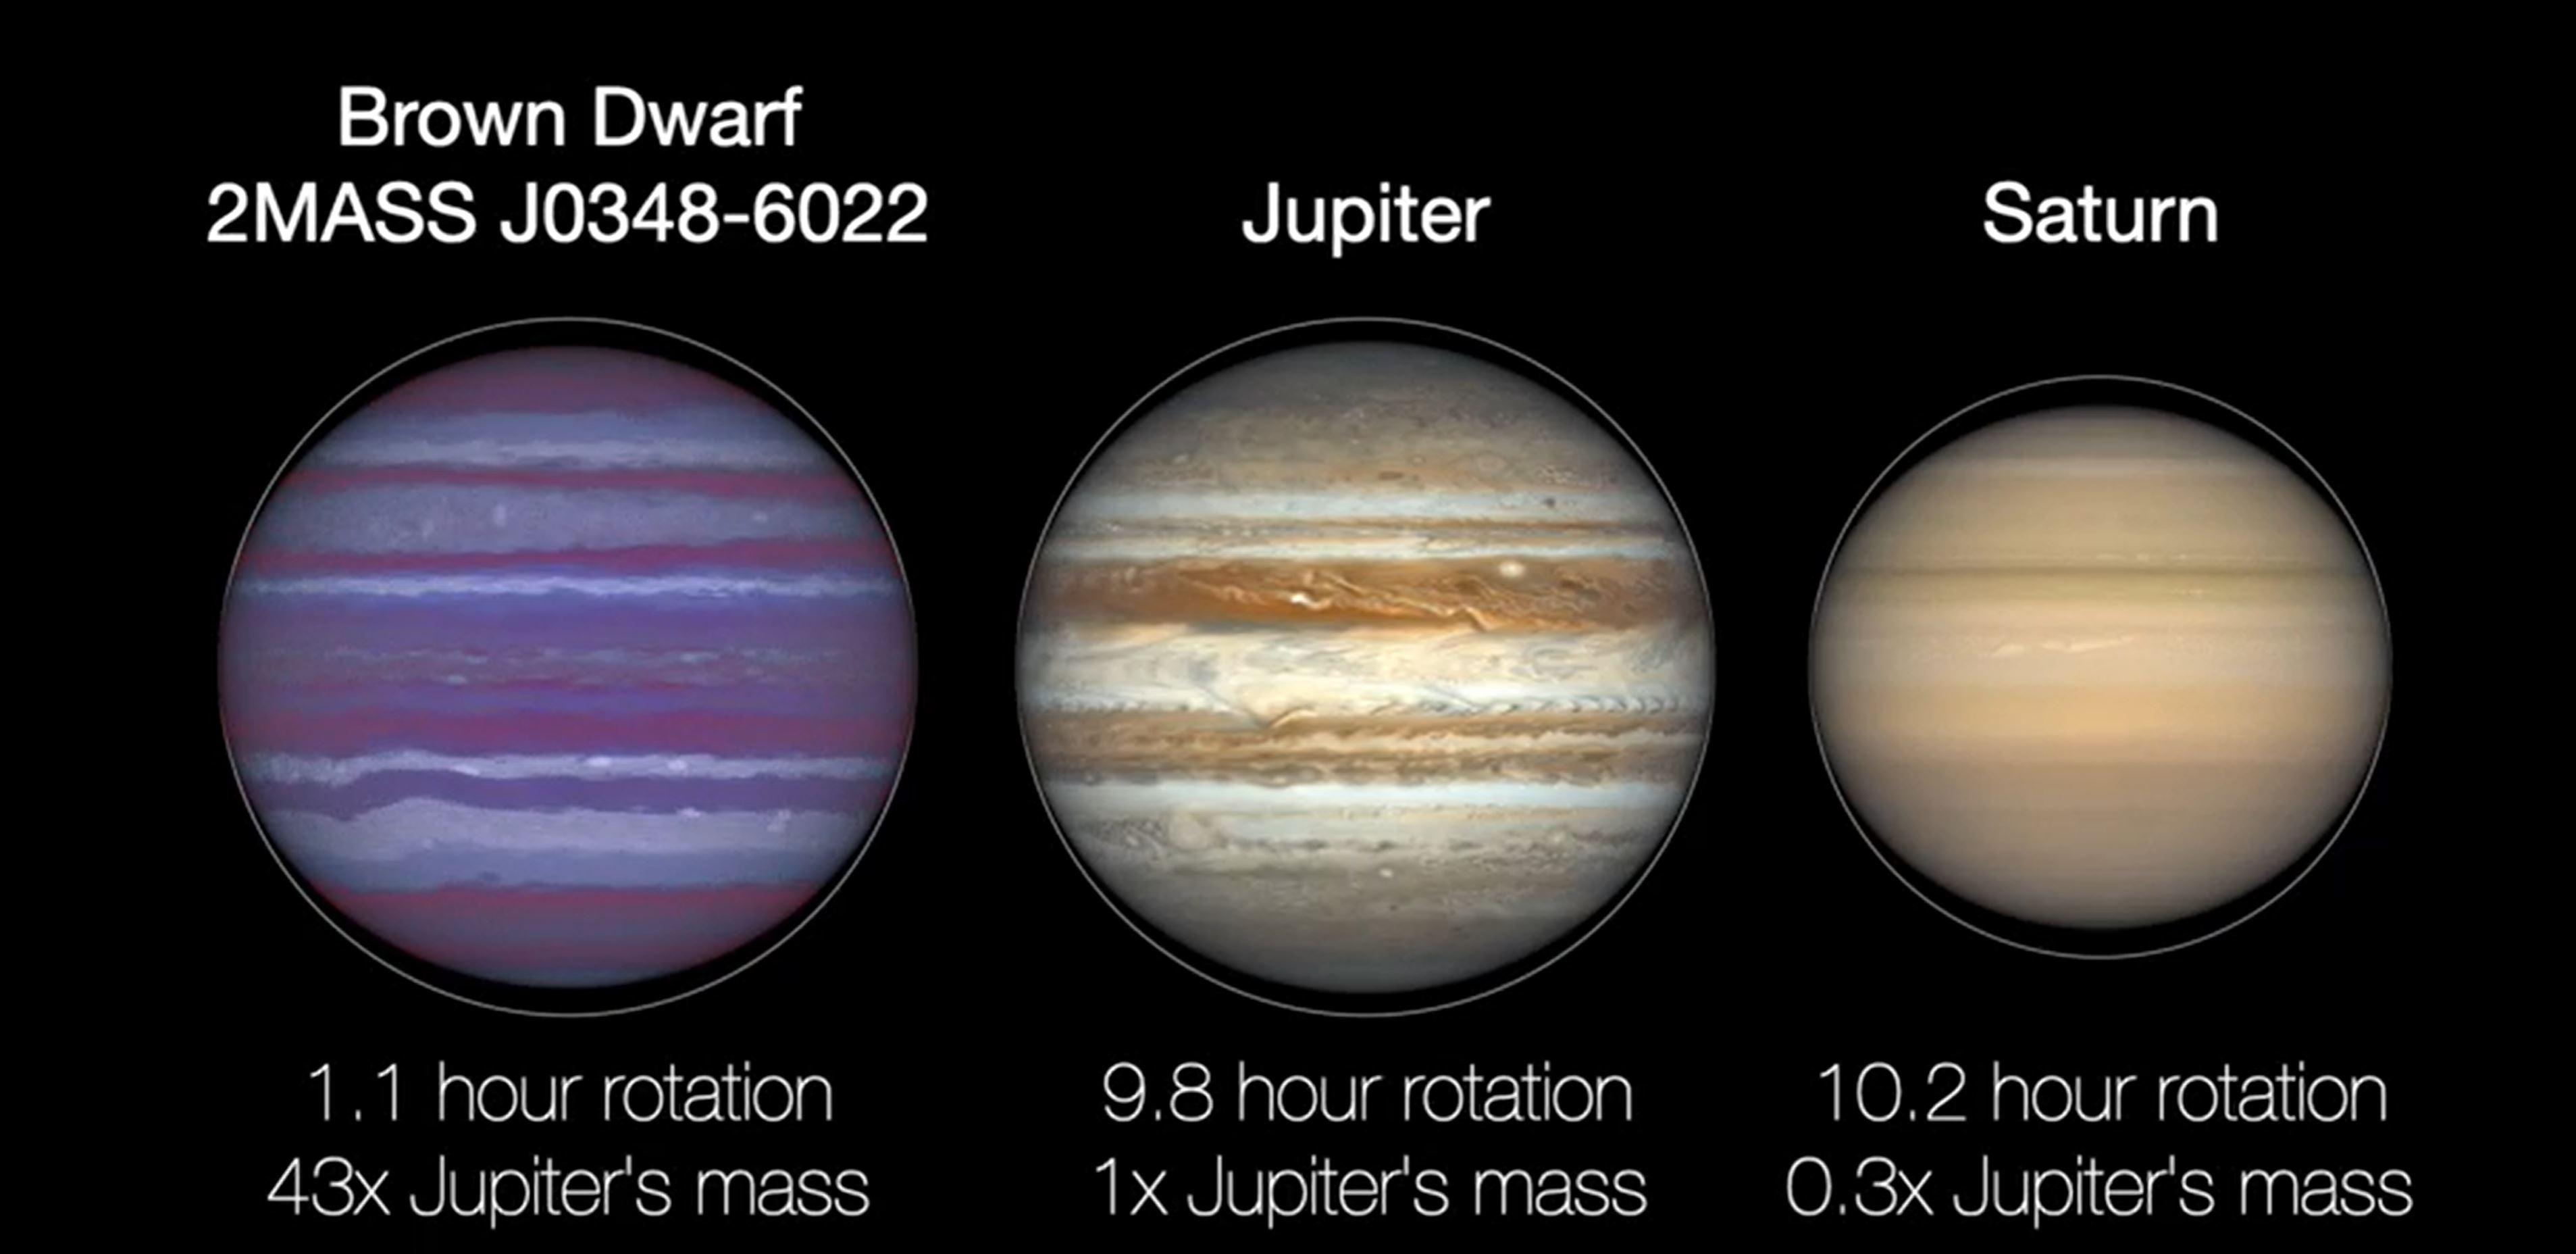 Les trois naines brunes étudiées ont à peu près la taille de Jupiter, mais entre 40 et 70 fois plus massives.